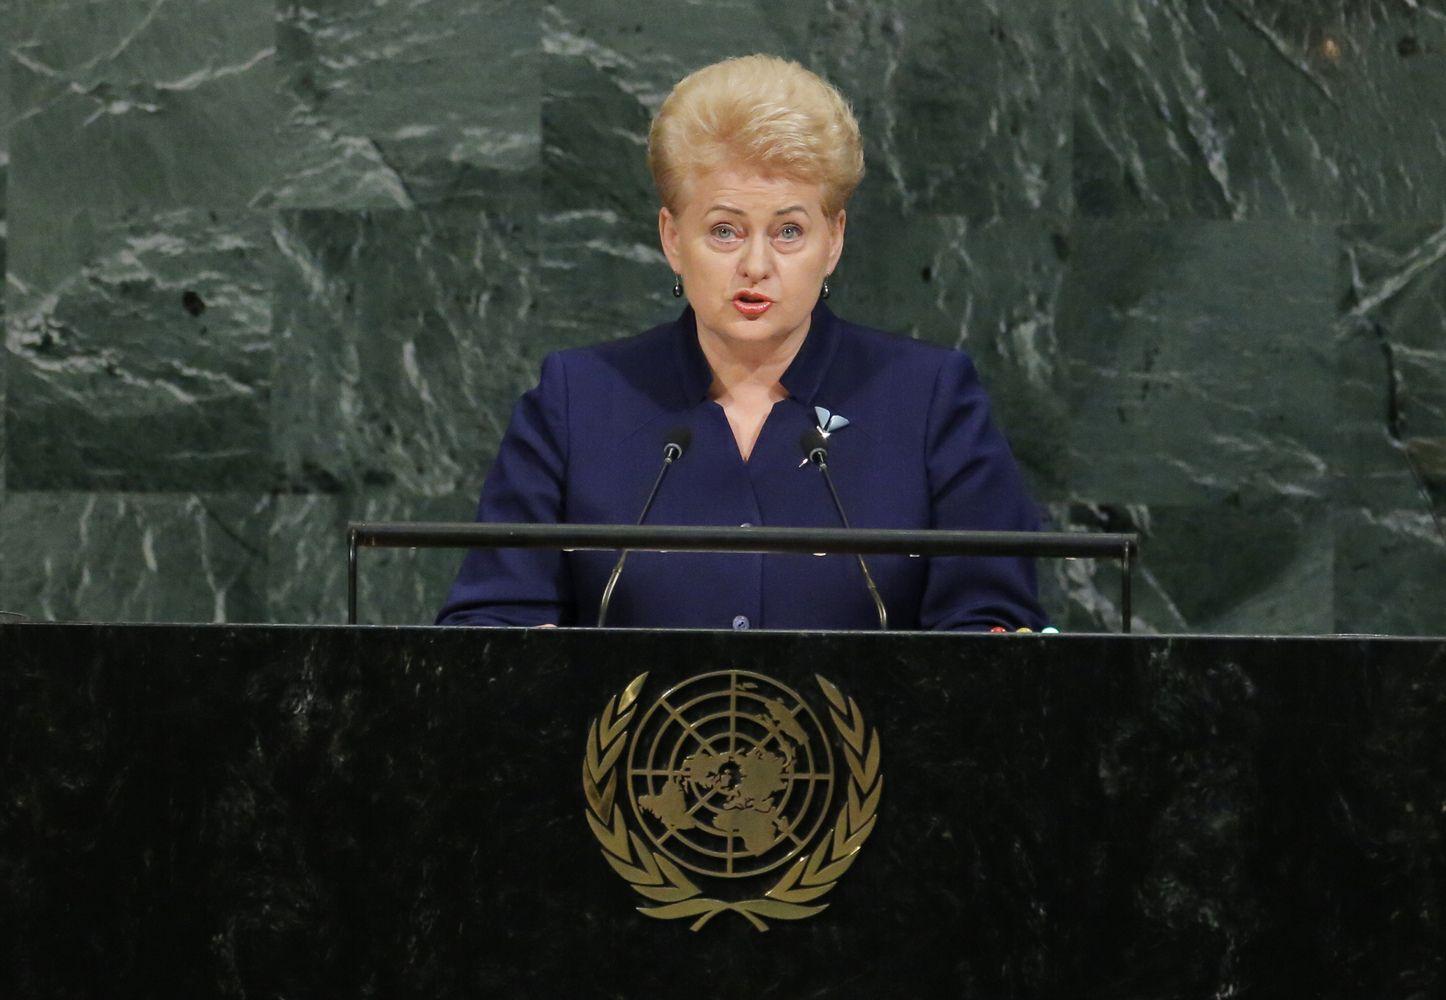 Grybauskaitės kalba JT: nubrėžiame linijas ir apsimetame, kad jos neegzistuoja